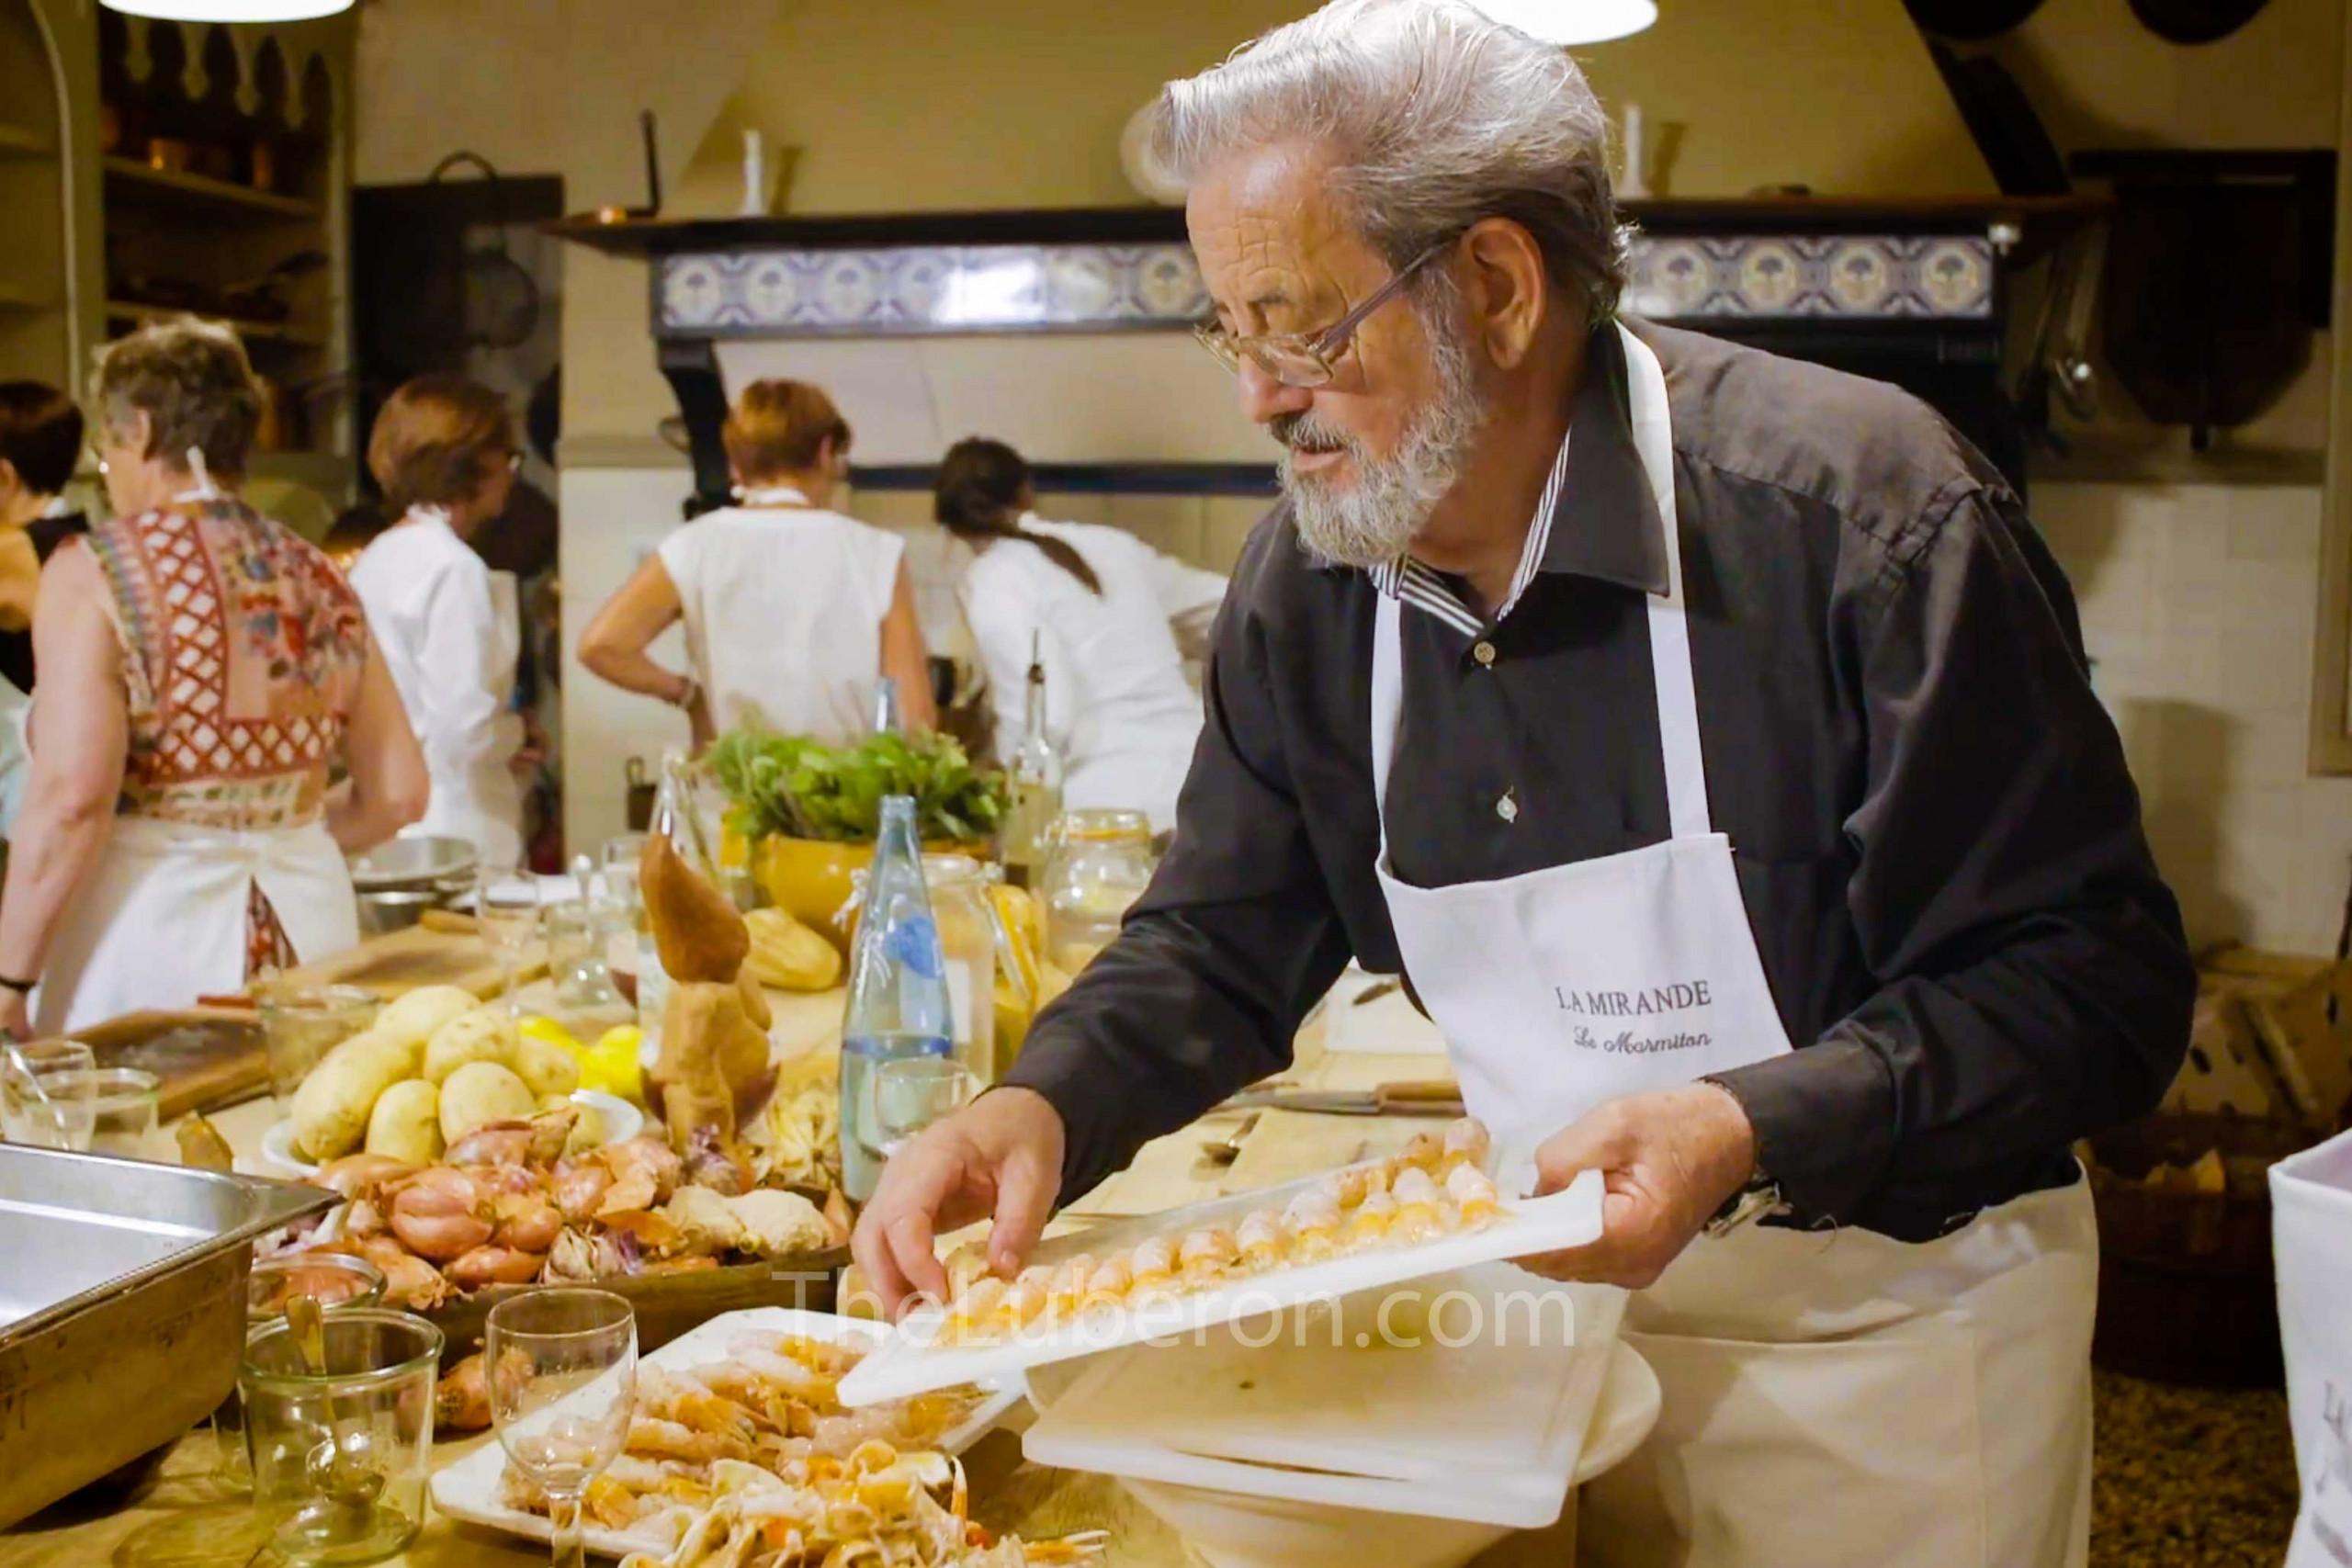 La Mirande cookery course